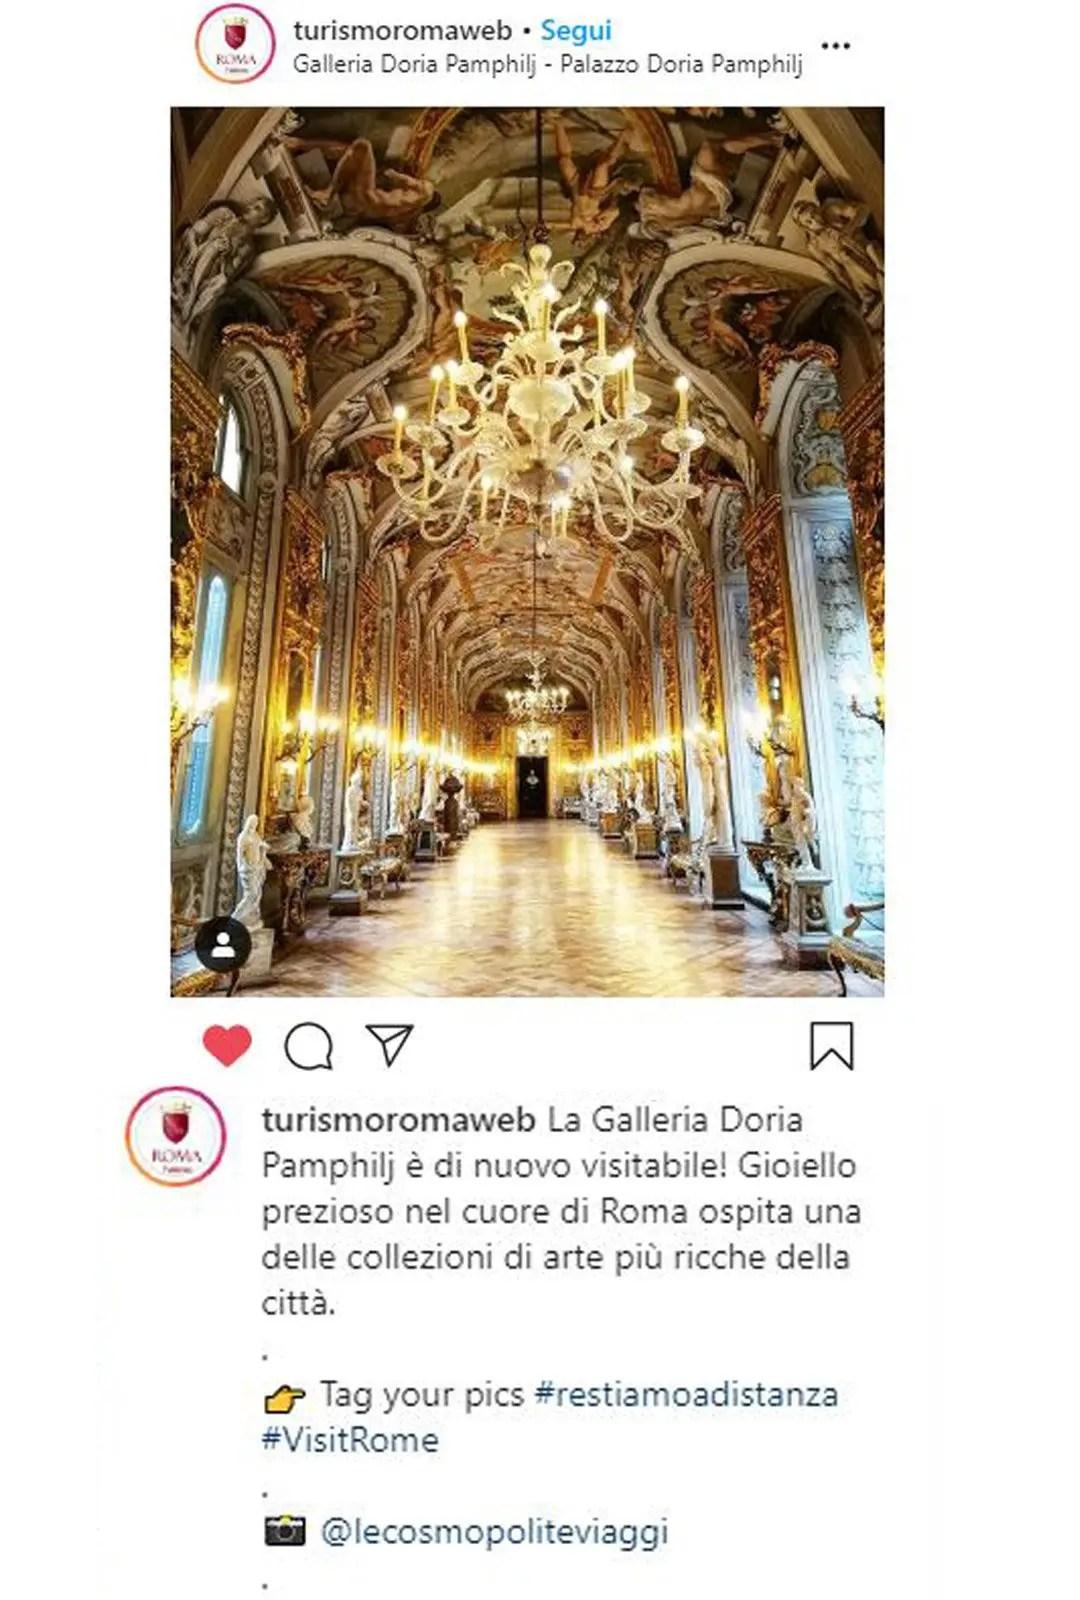 Roberta Ferrazzi di LeCosmopolite.it menzionata in Turismo Roma Web